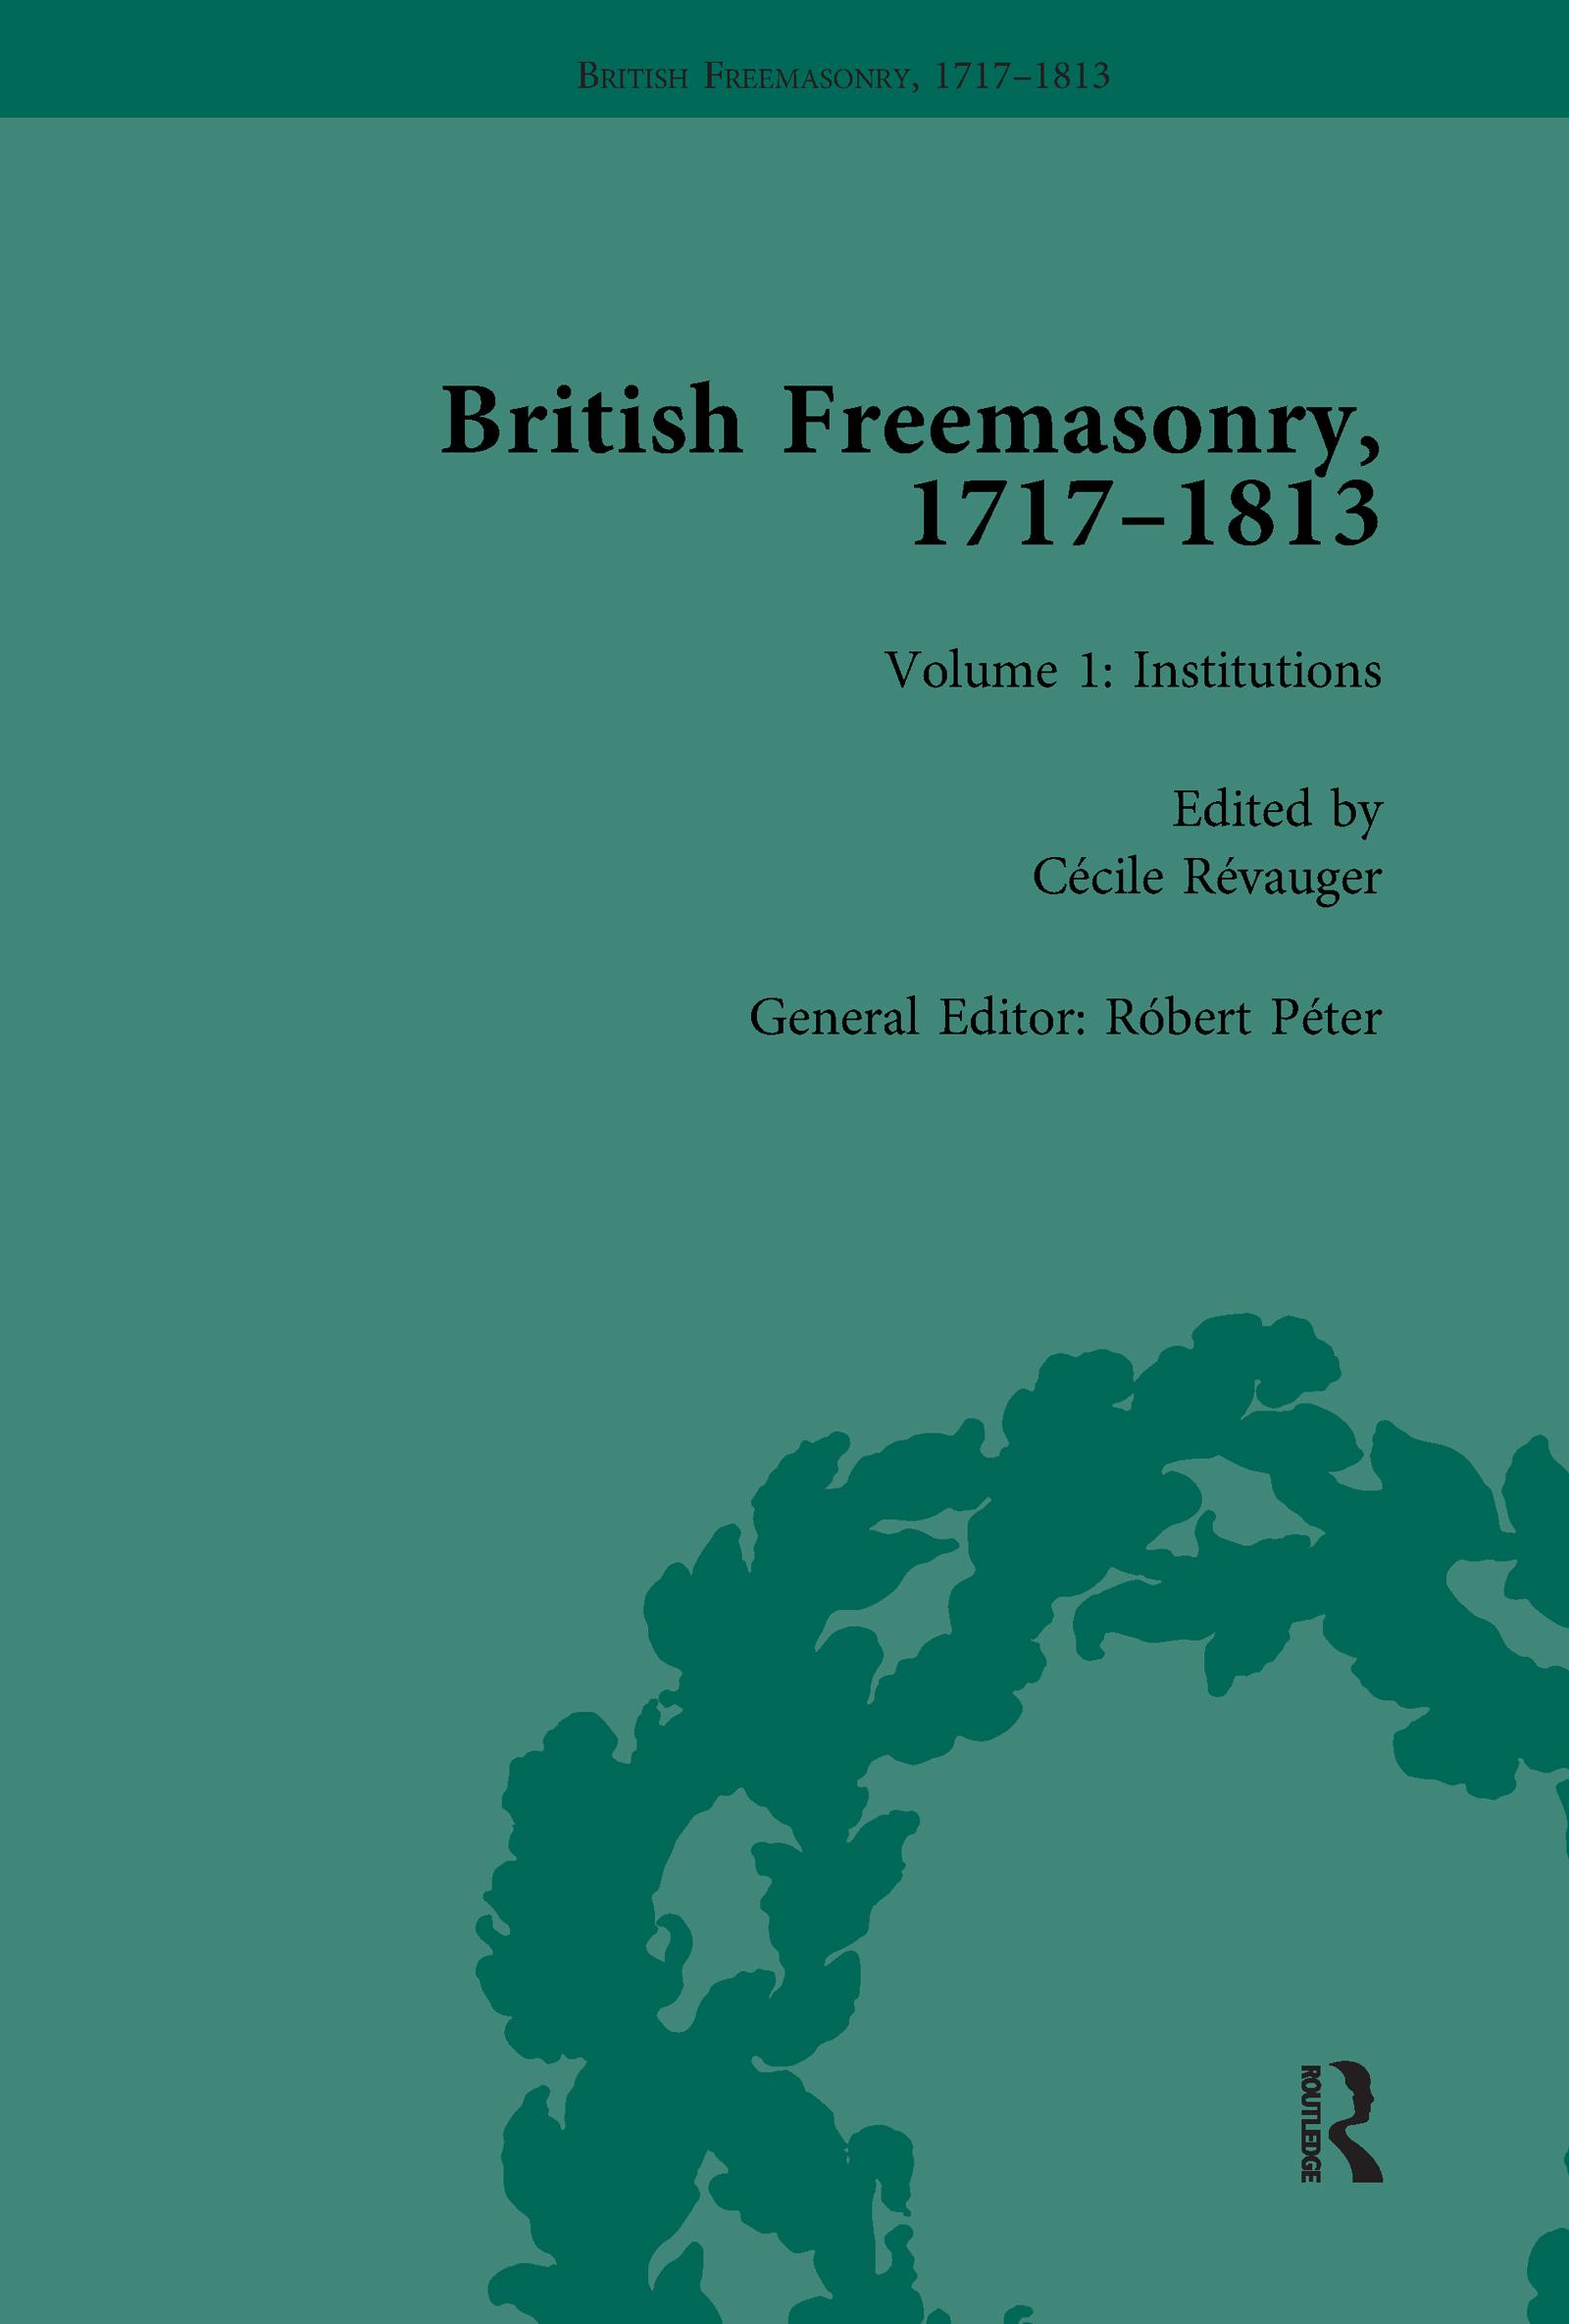 British Freemasonry, 1717-1813 Volume 1